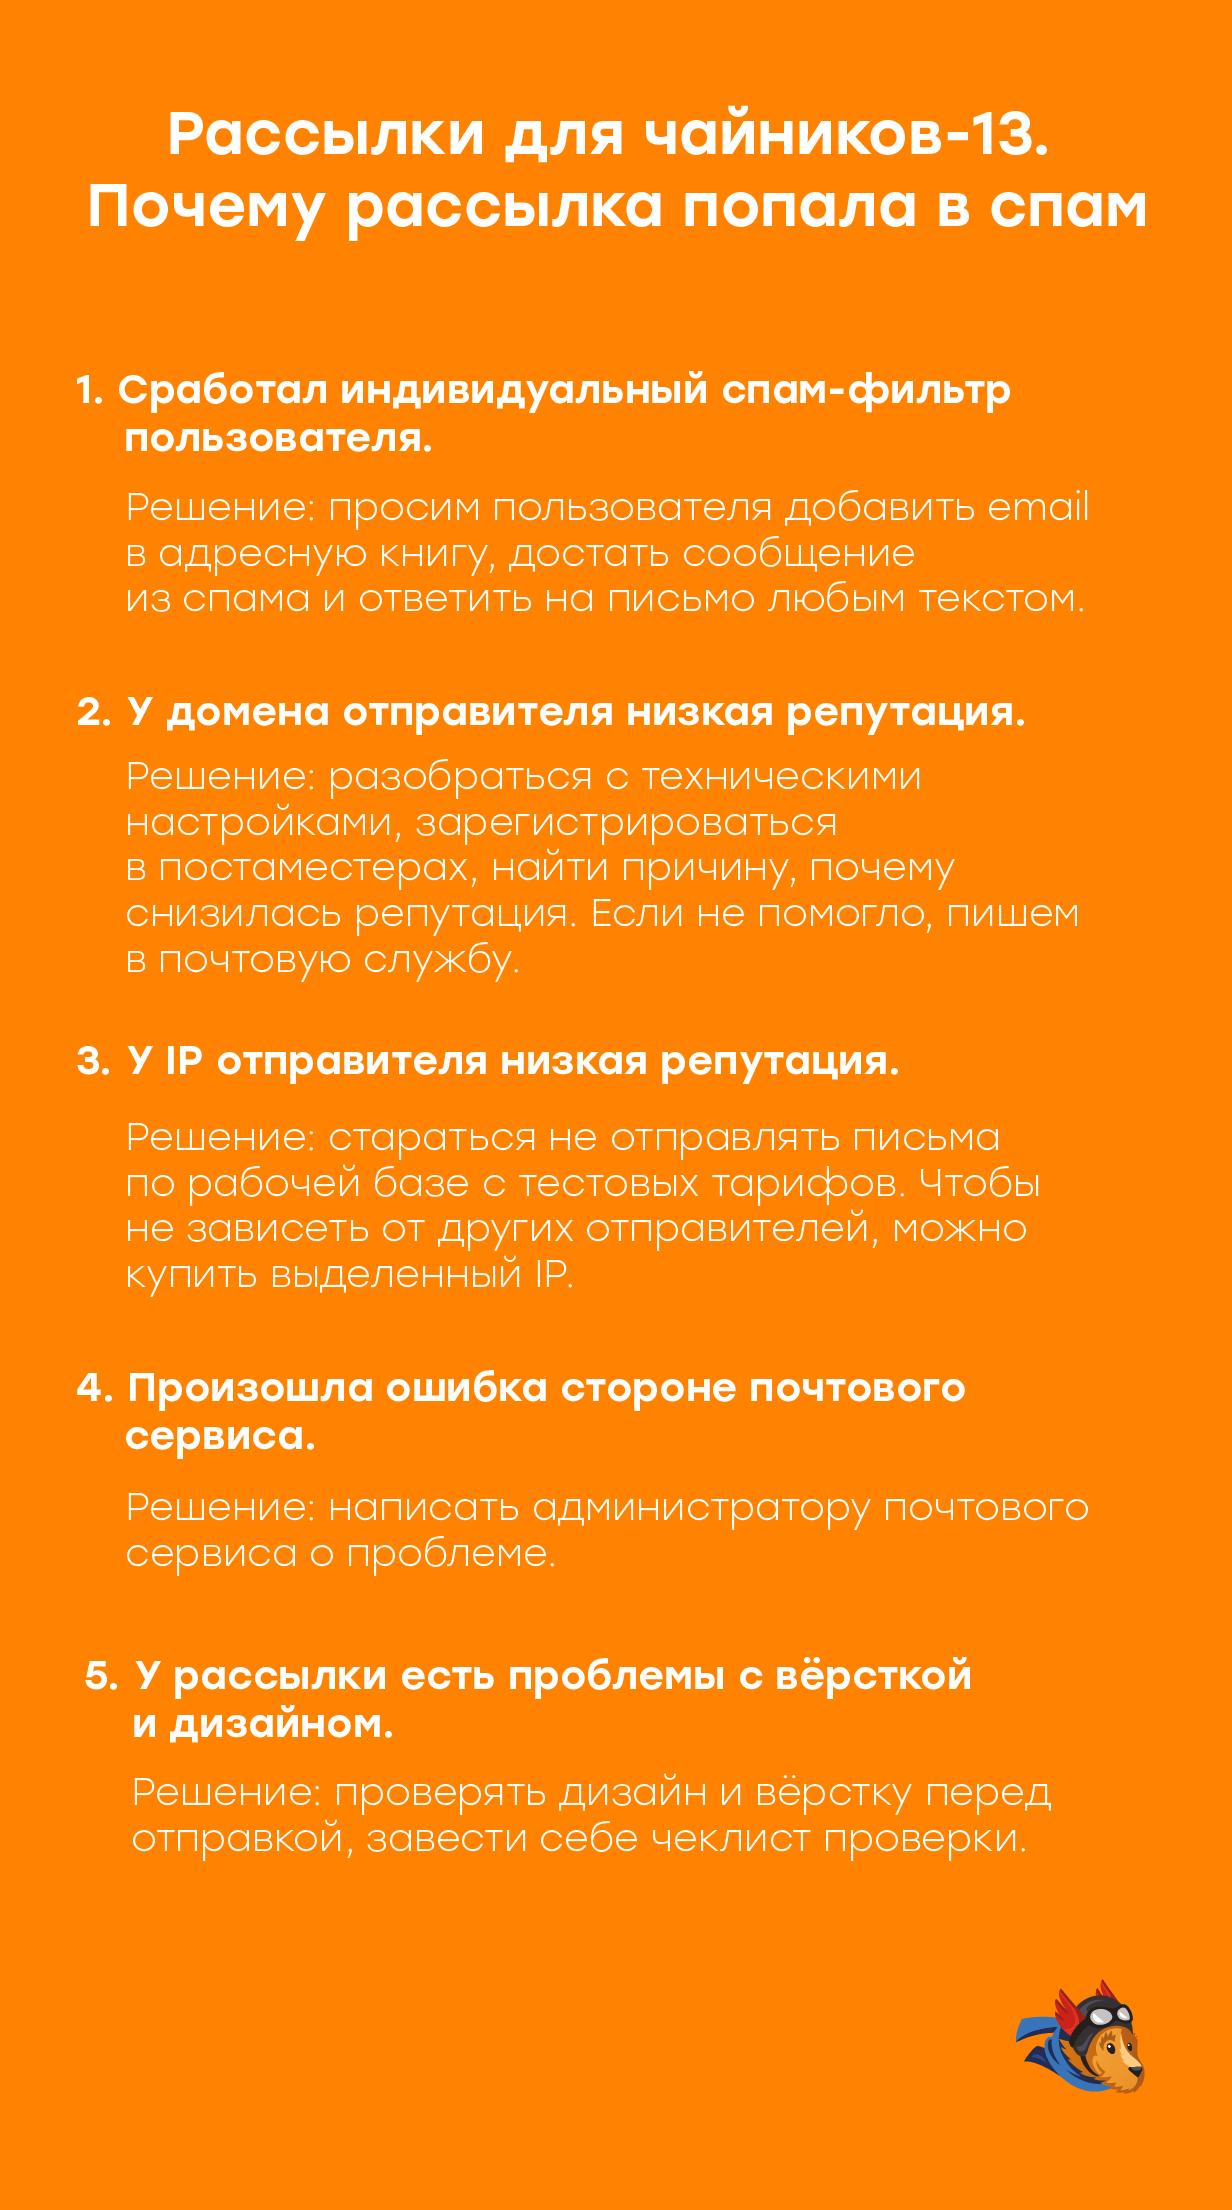 рдч-13 памятка